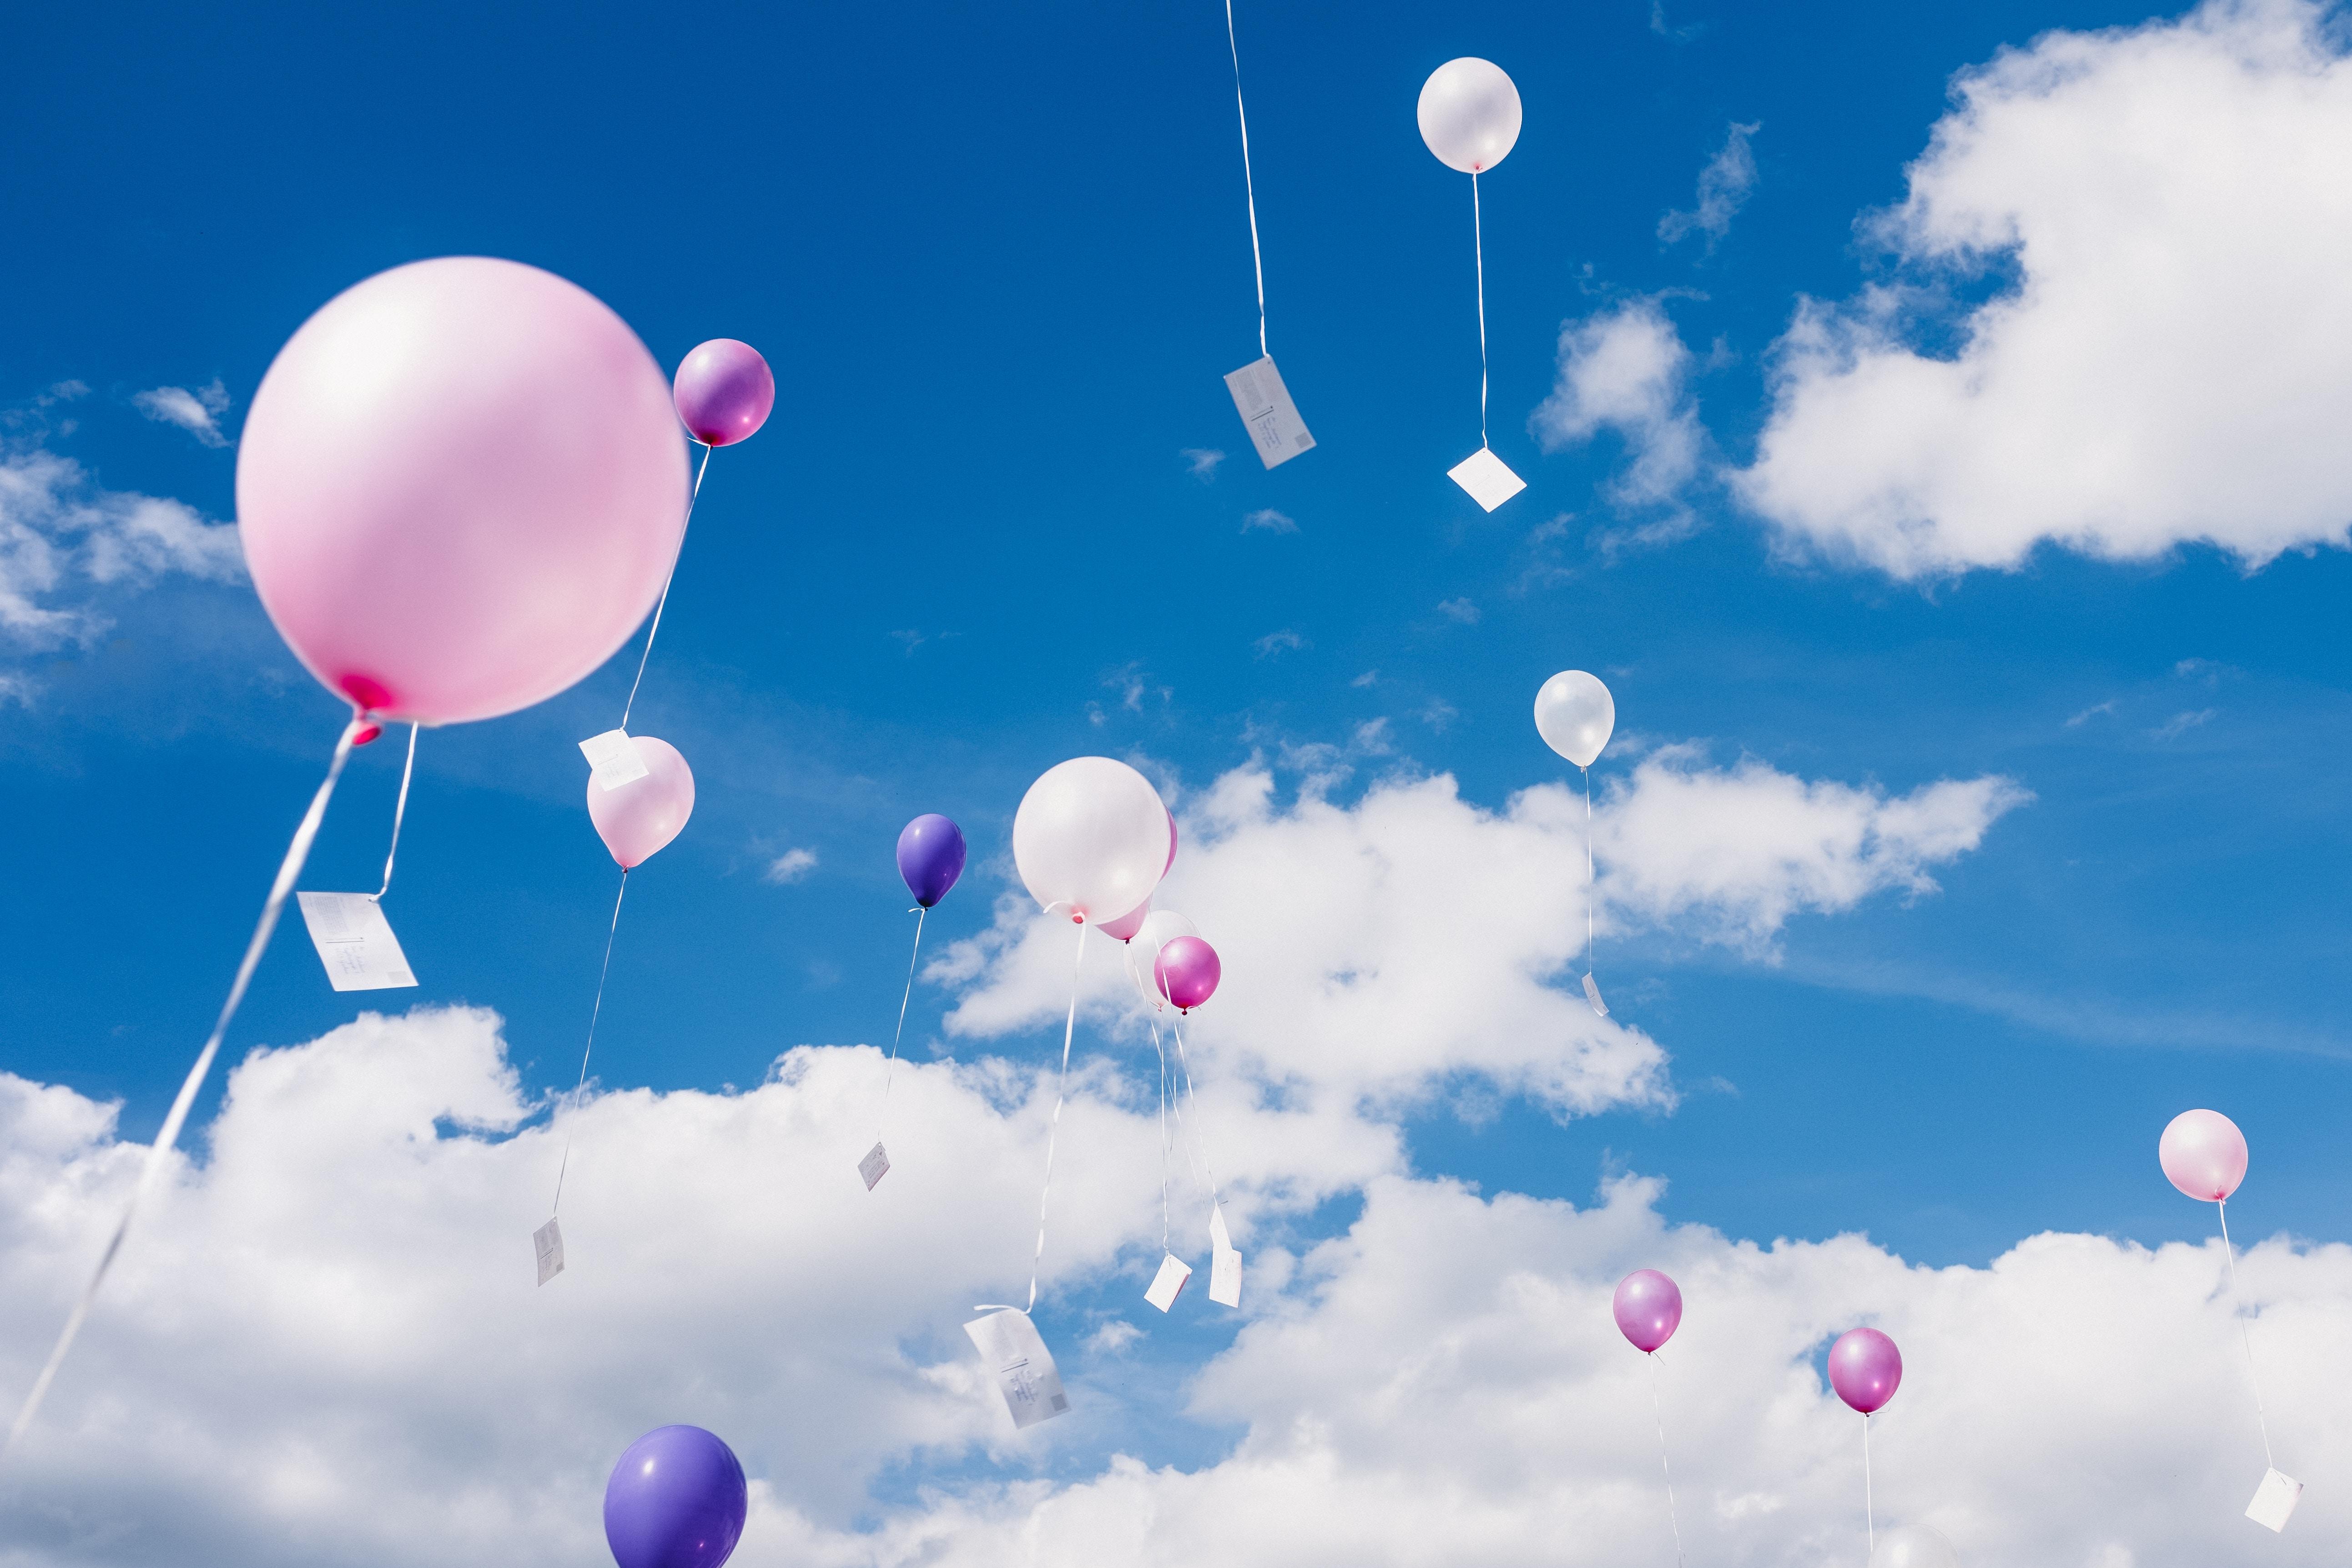 91609 papel de parede 1080x2400 em seu telefone gratuitamente, baixe imagens Céu, Nuvens, Balões, Miscelânea, Variado, Voar, Voo, Altura, Balões De Ar 1080x2400 em seu celular